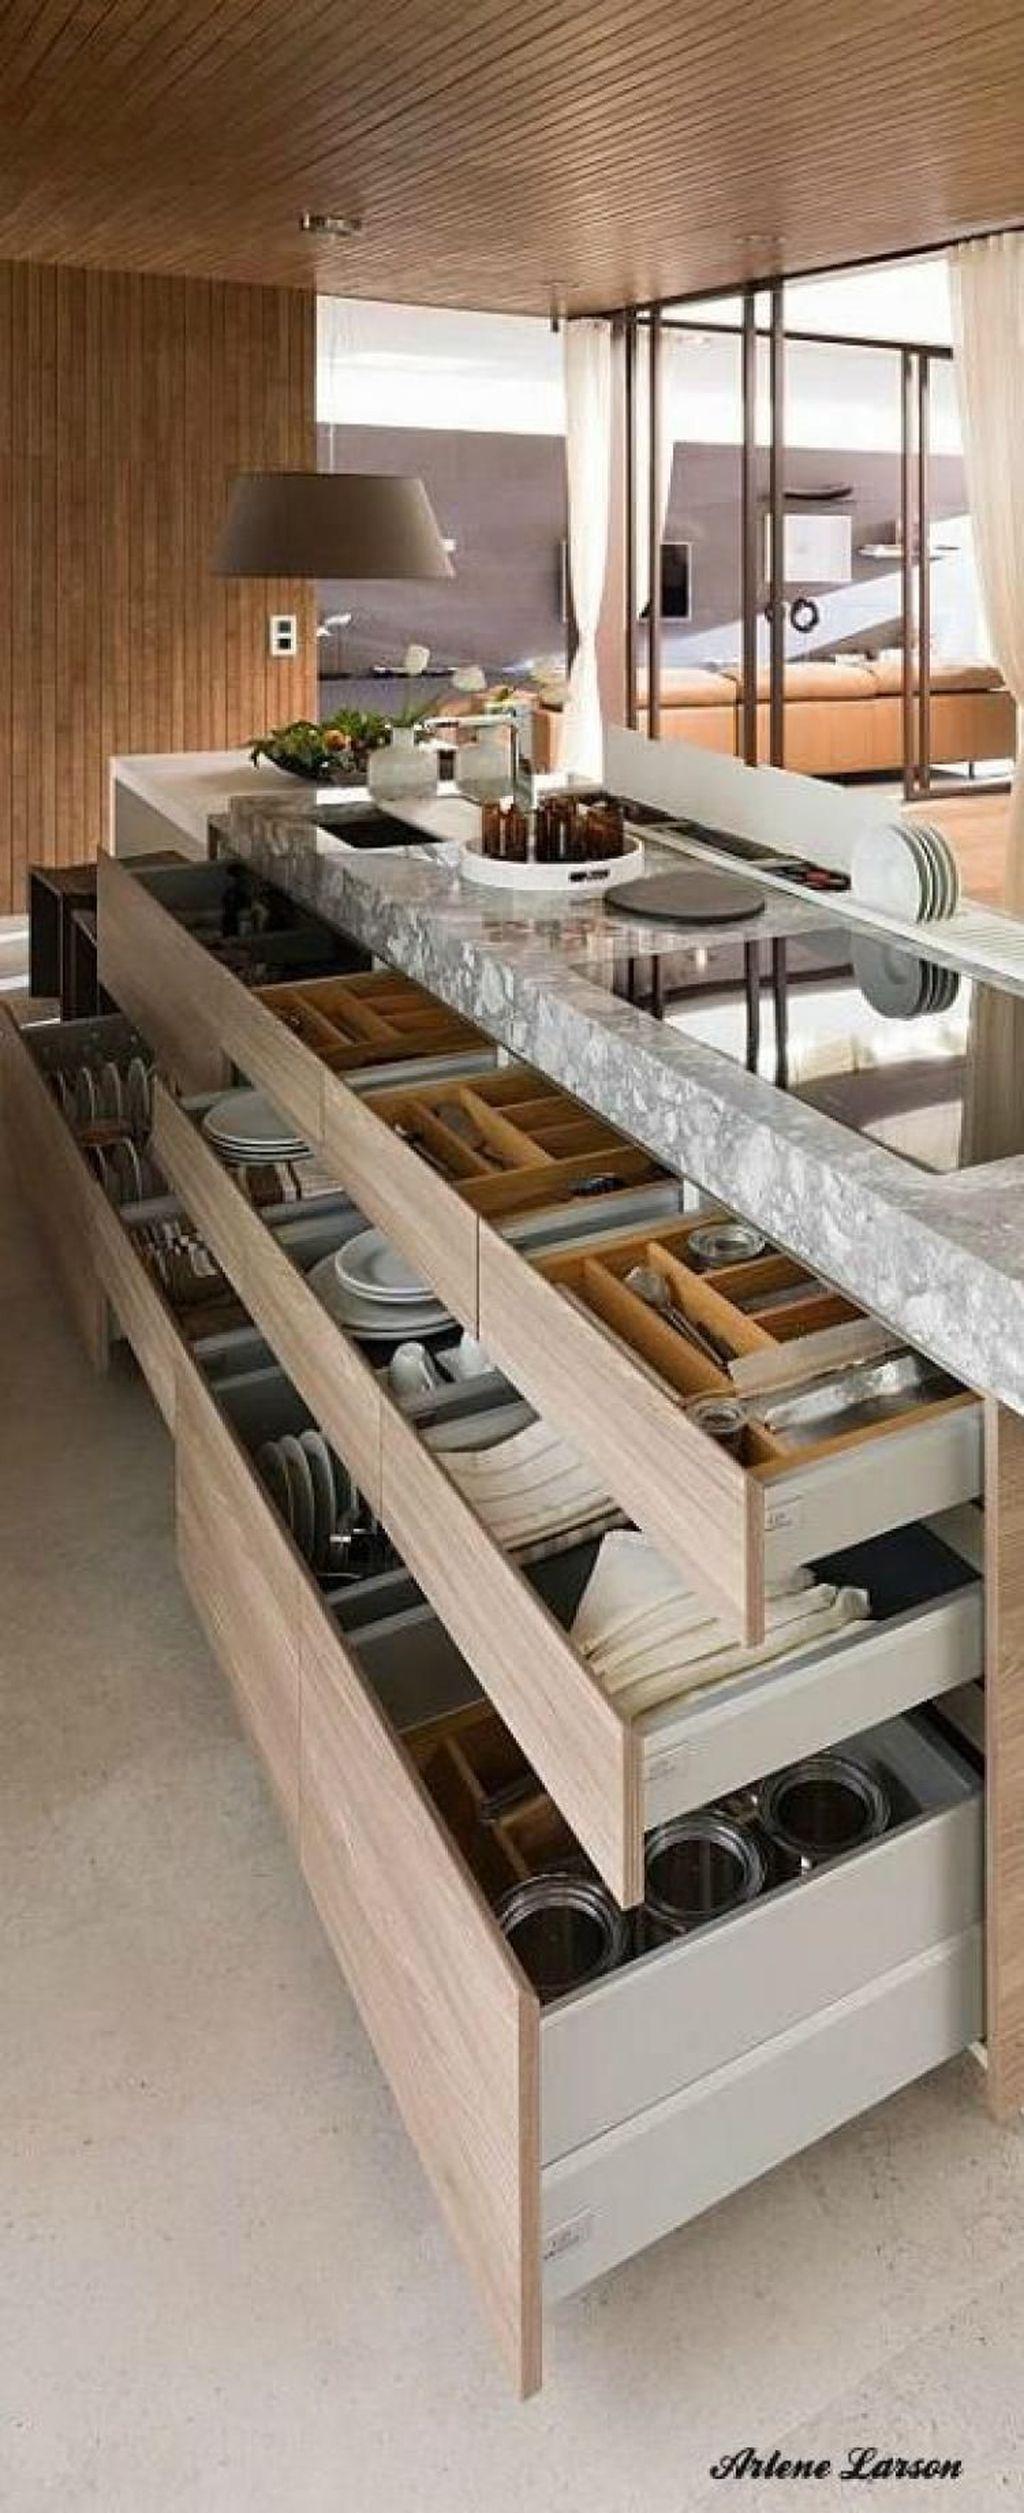 brilliant diy kitchen organization and storage hacks ideas